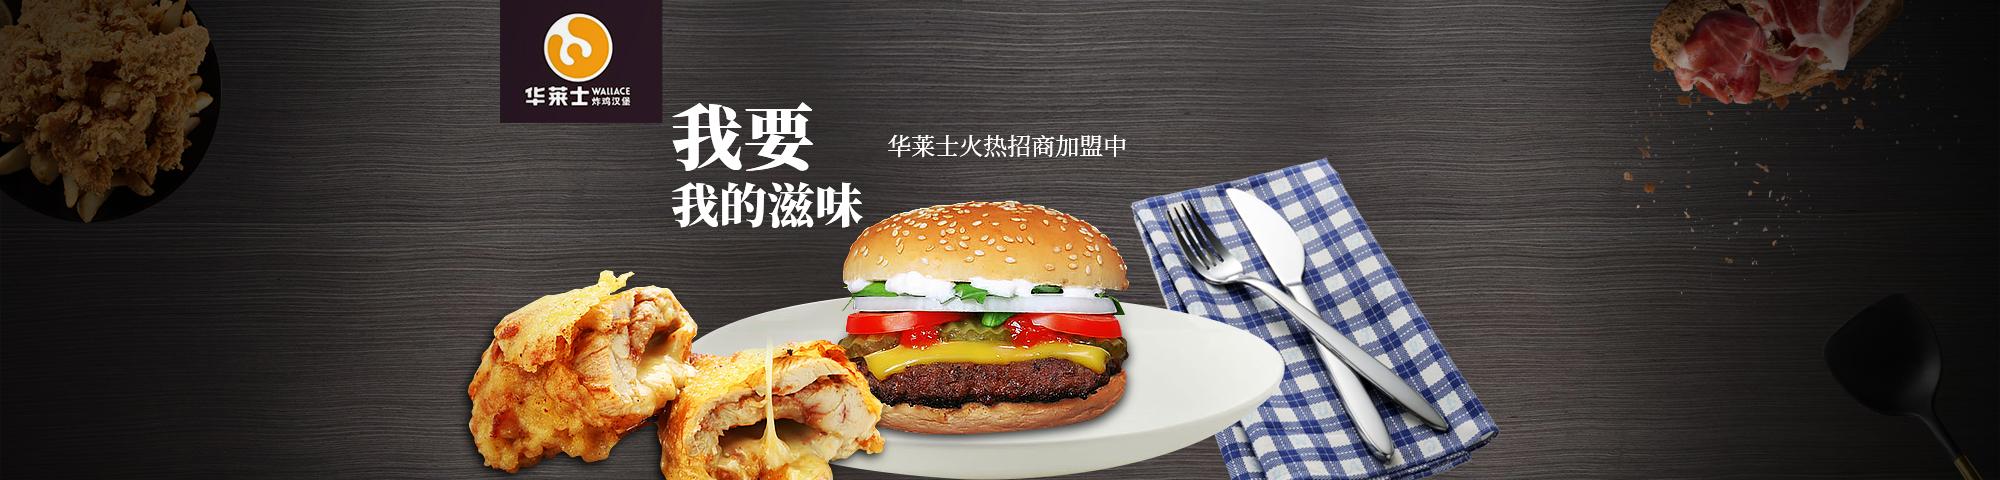 快餐好品质 更实惠 更好吃